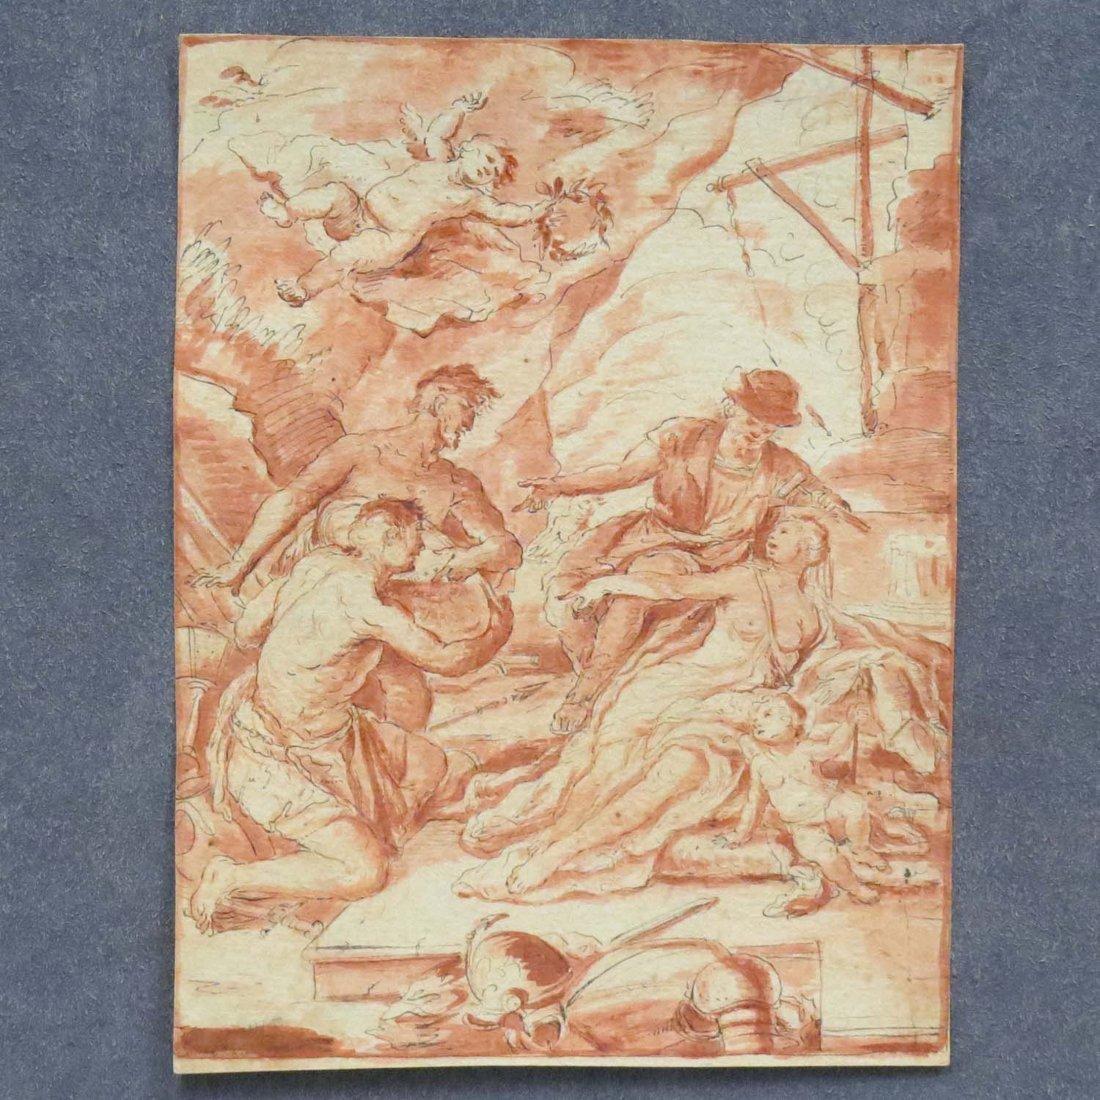 ATTRIBUTED TO JACOPO AMIGONI (ITALIAN 1682-1752)